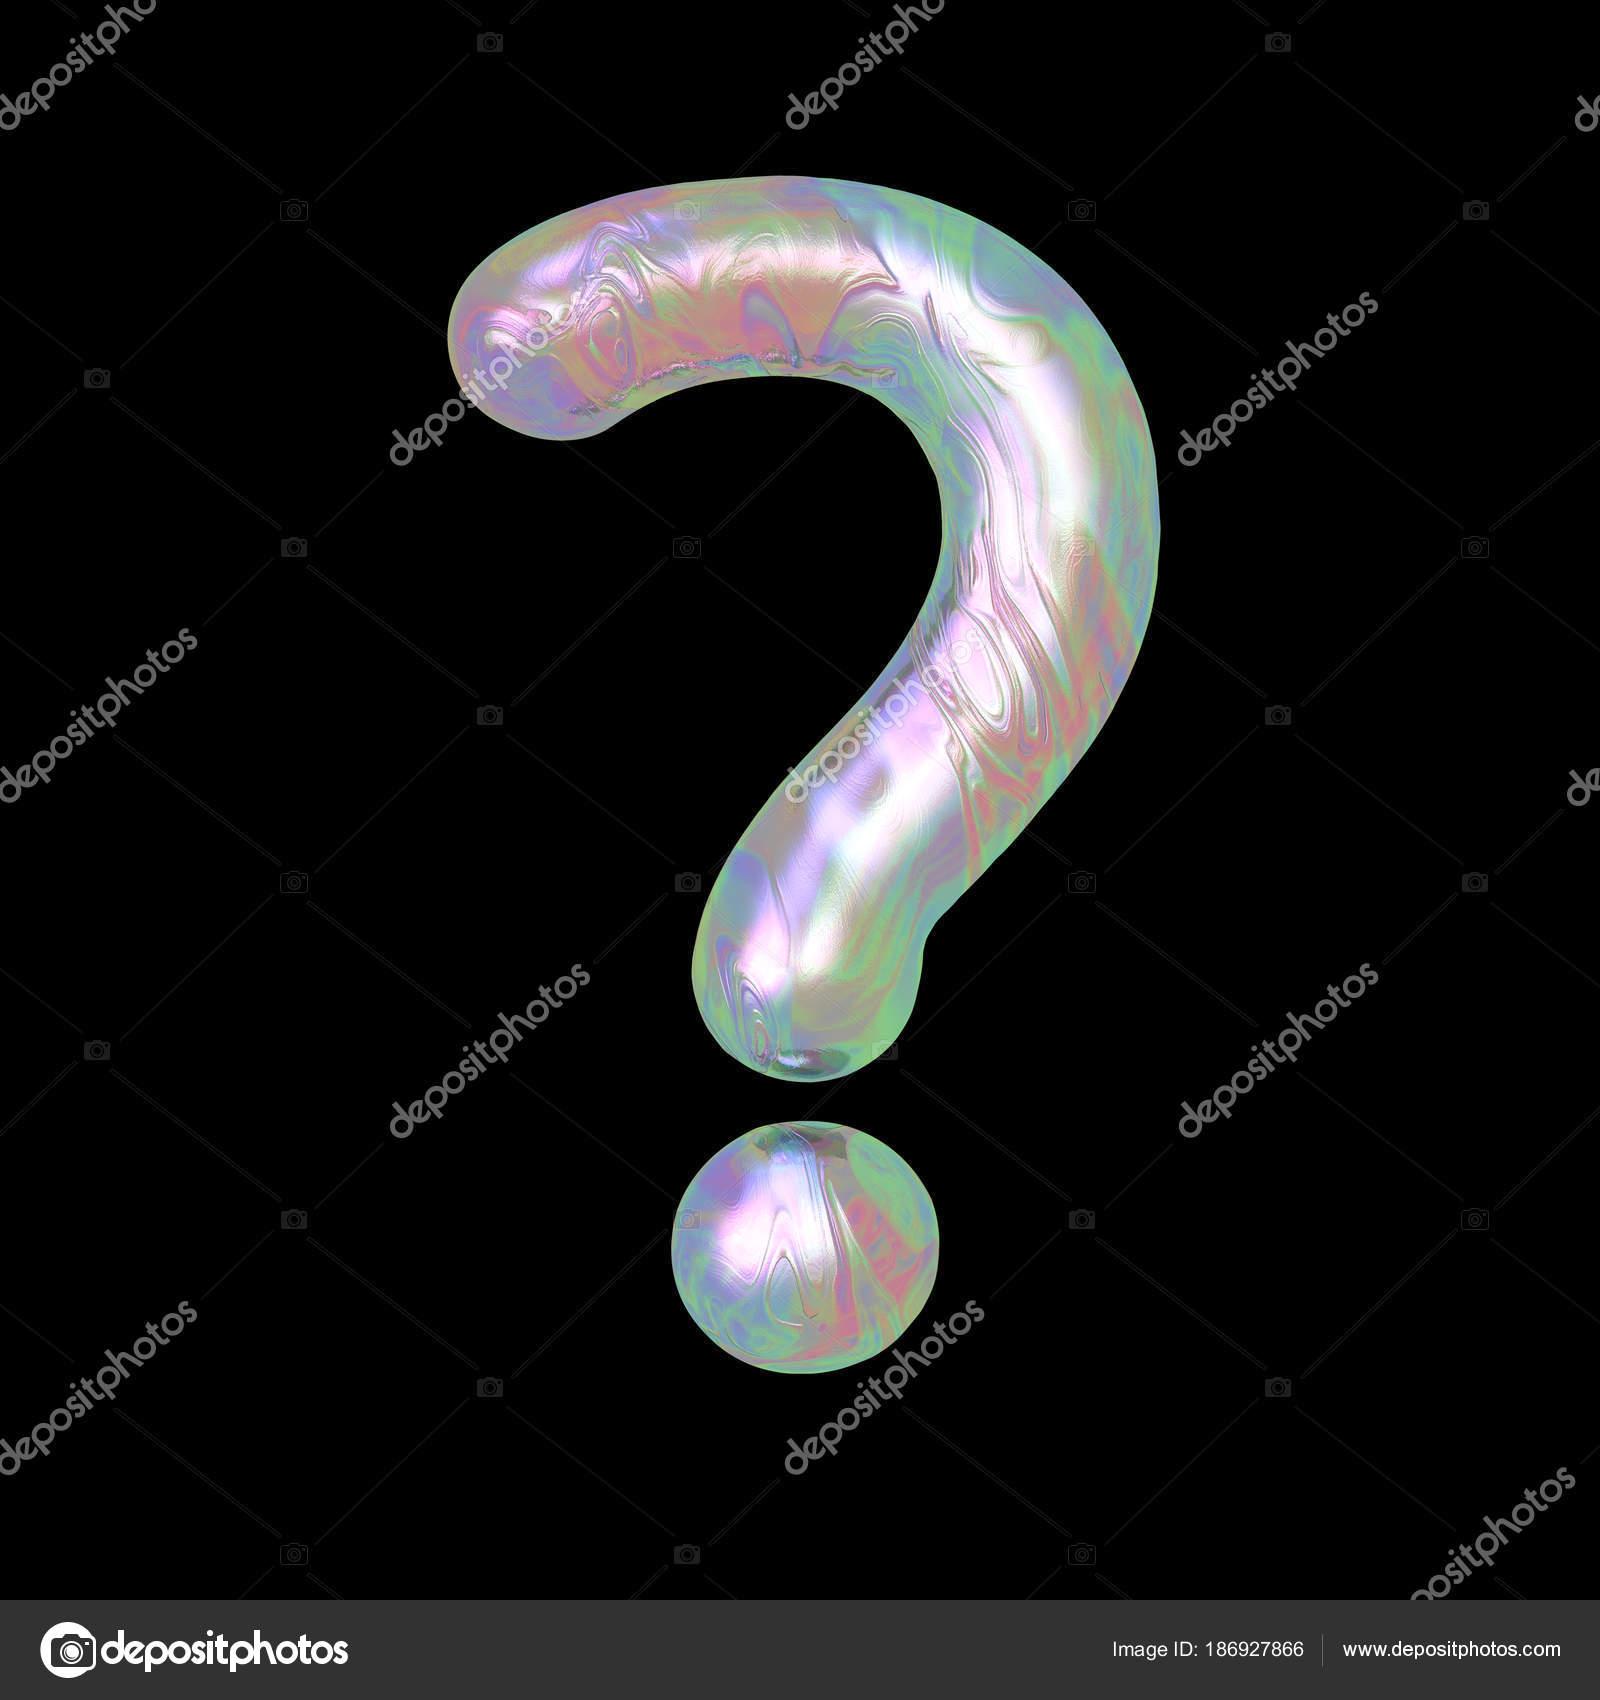 Marmo Moderno Liquido Olografico Rendering Lettera Simbolo Punto